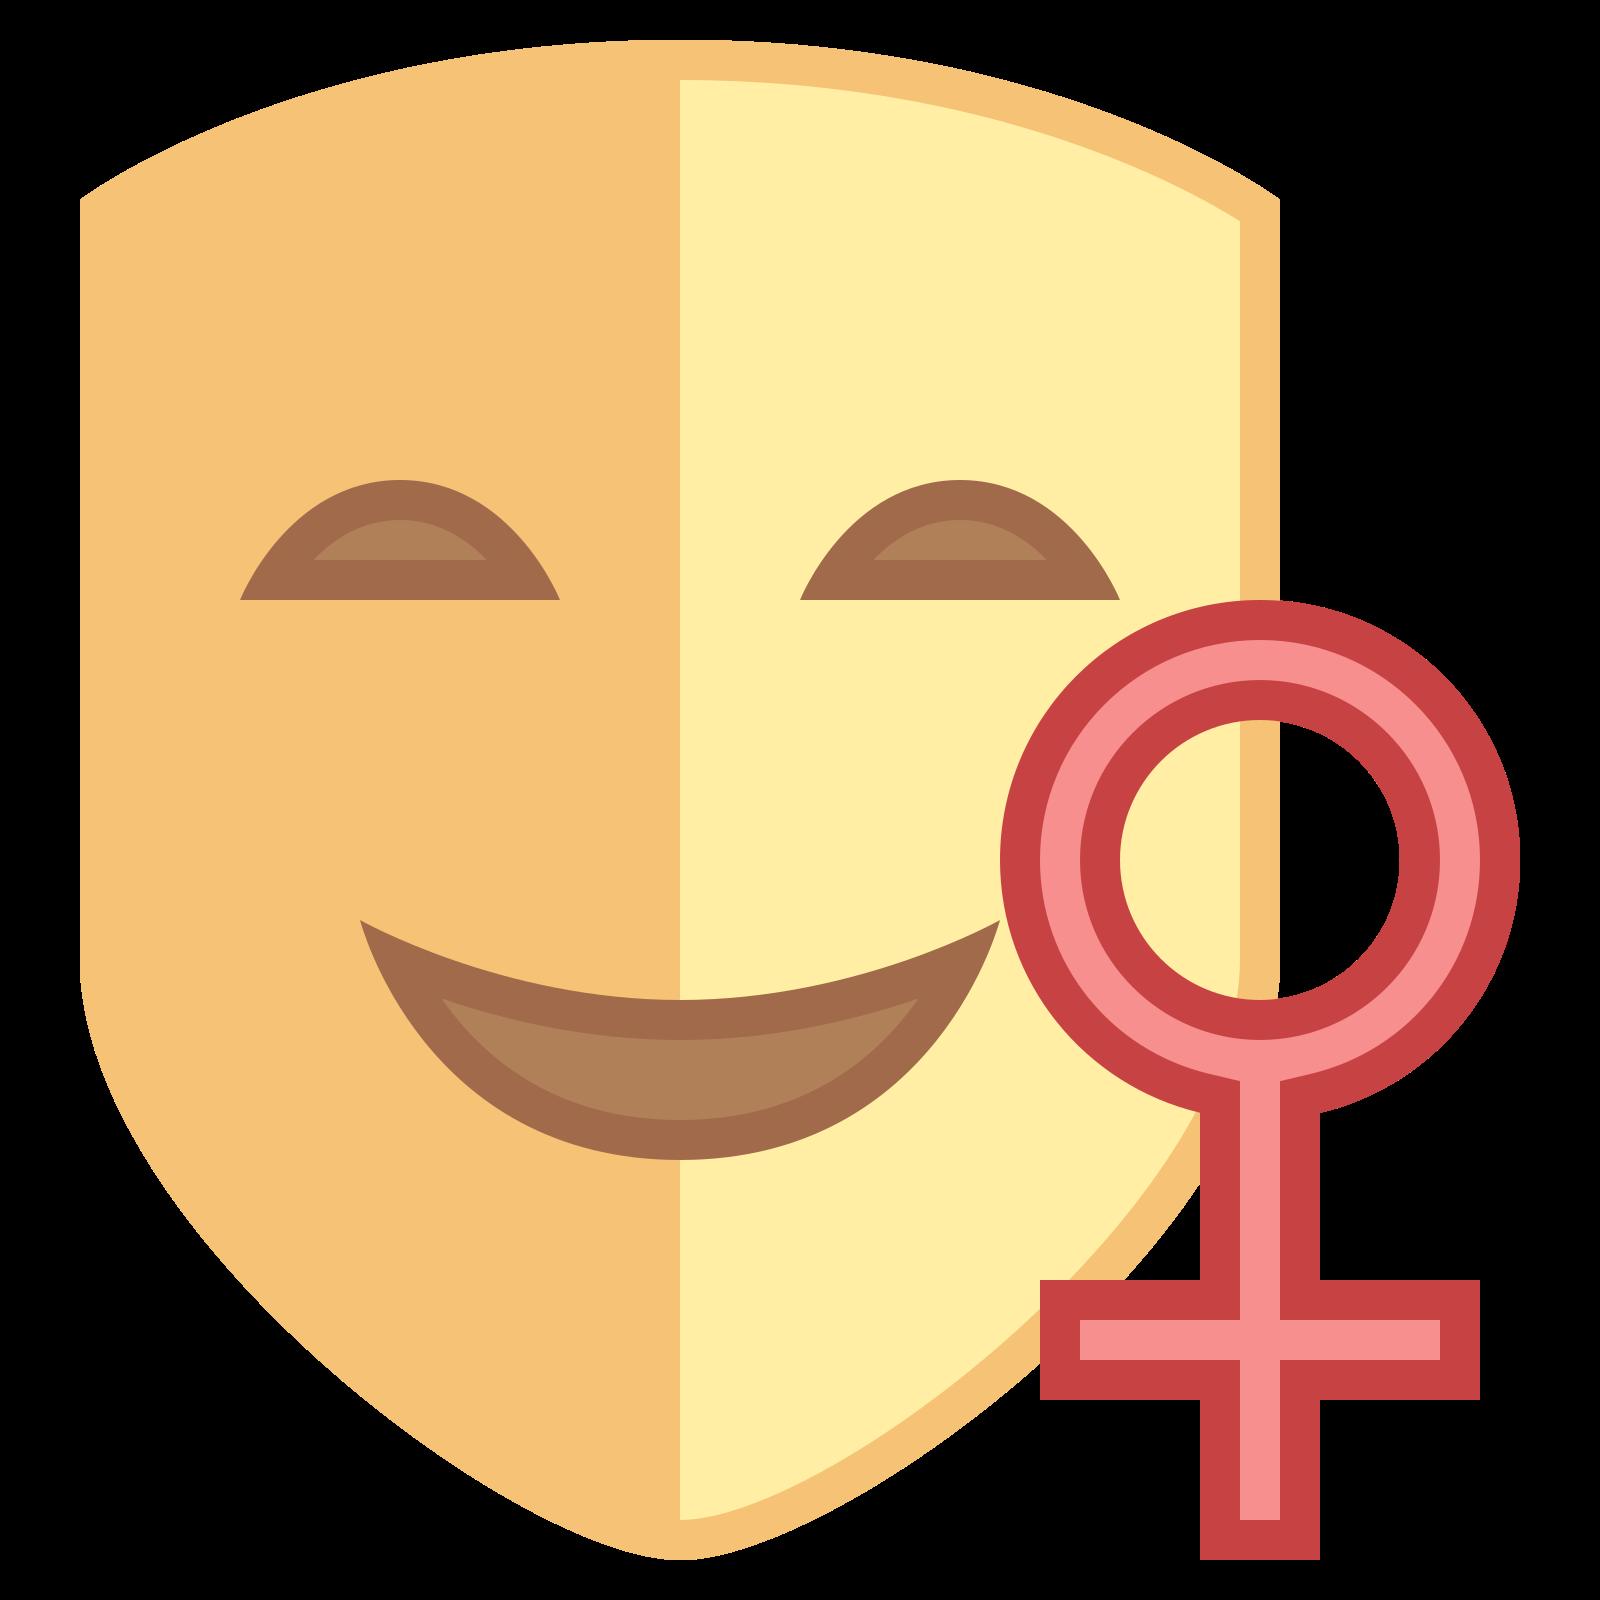 Actresses icon